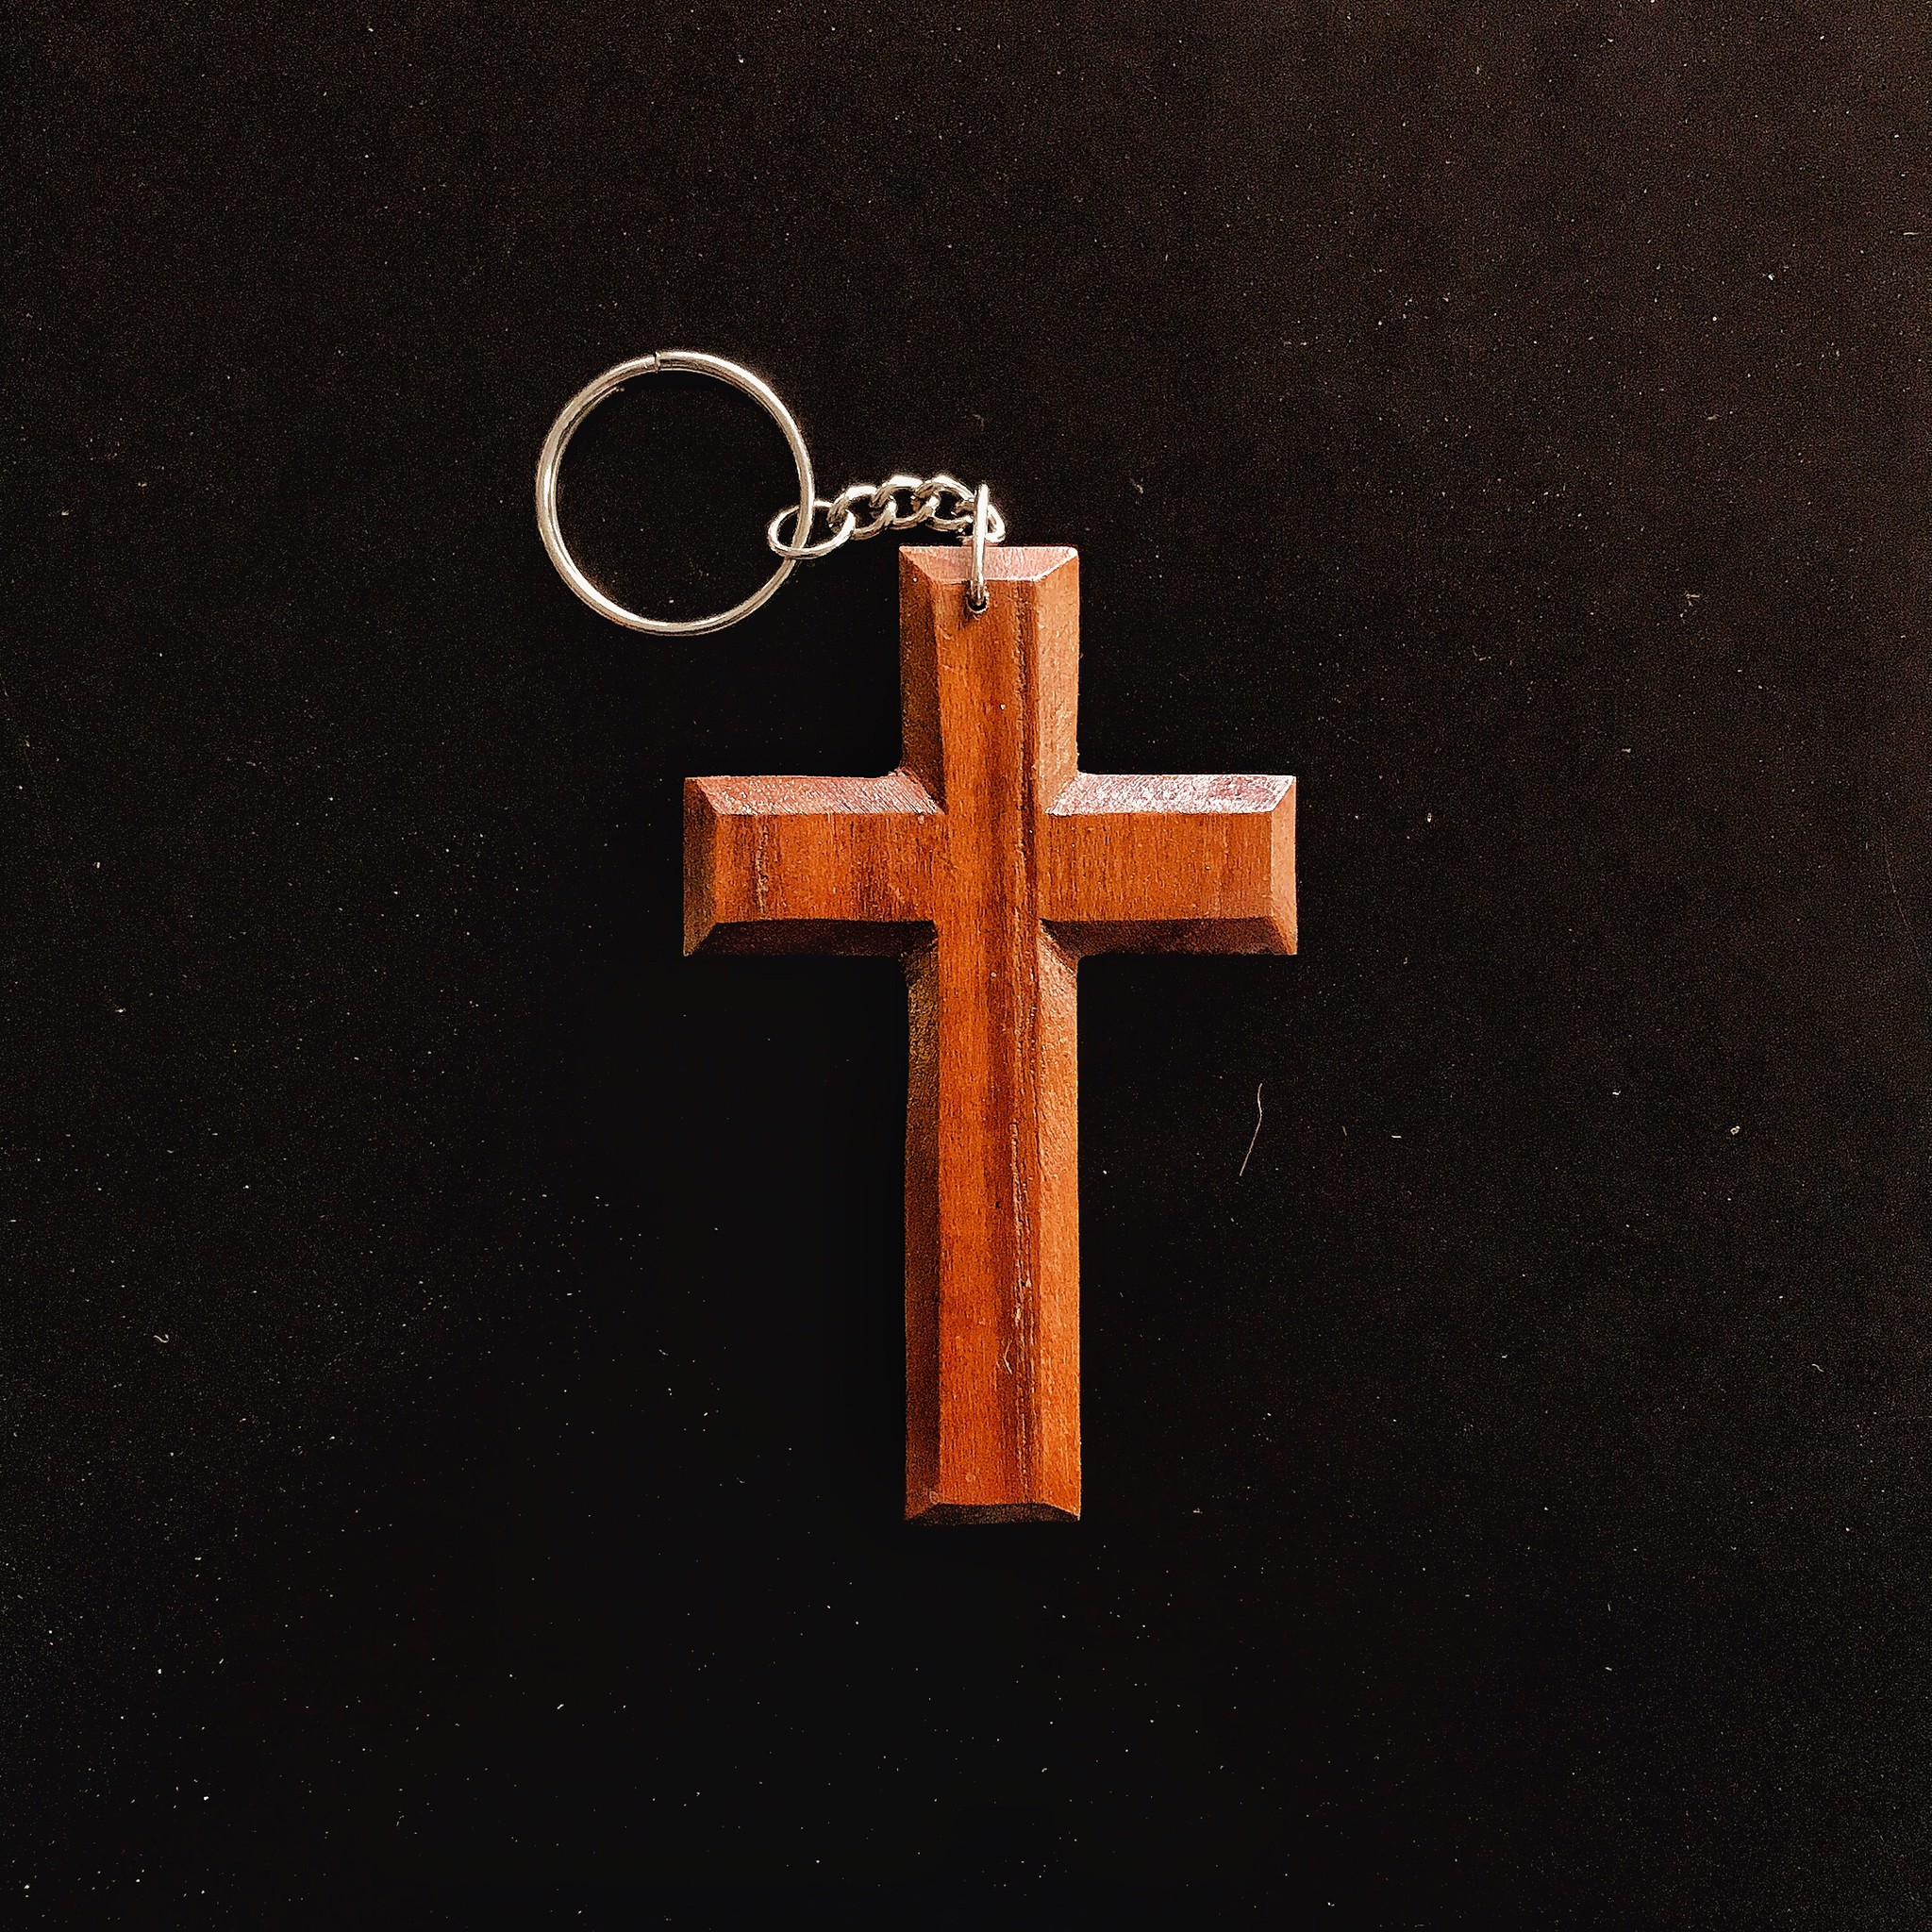 พวงกุญแจไม้กางเขน(แบบที่1)